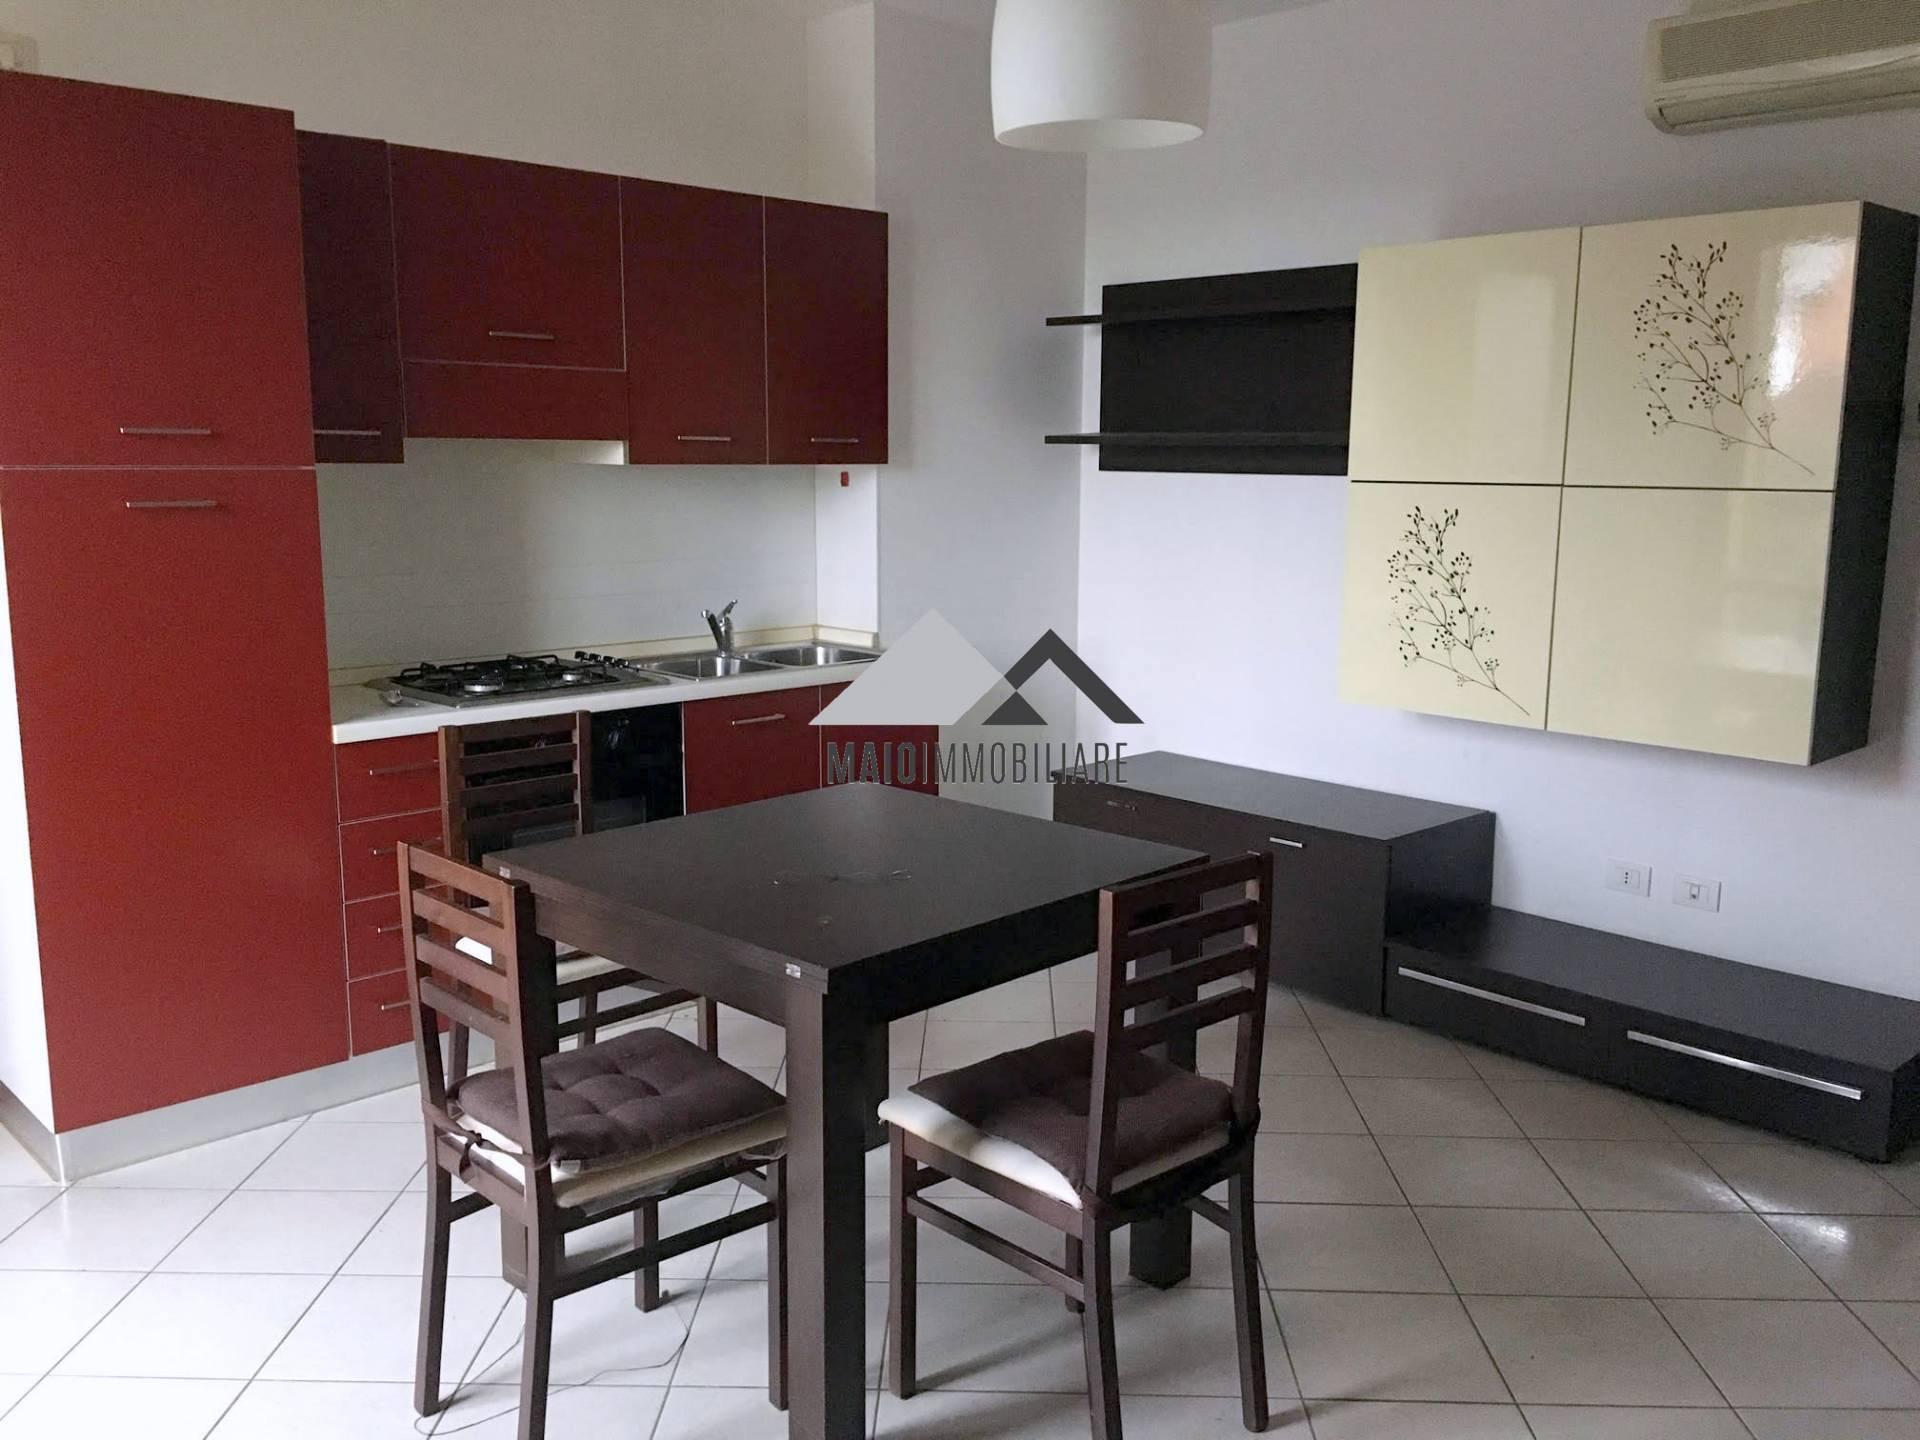 Appartamento in vendita a Coriano, 2 locali, zona Località: CORIANO, prezzo € 145.000 | CambioCasa.it